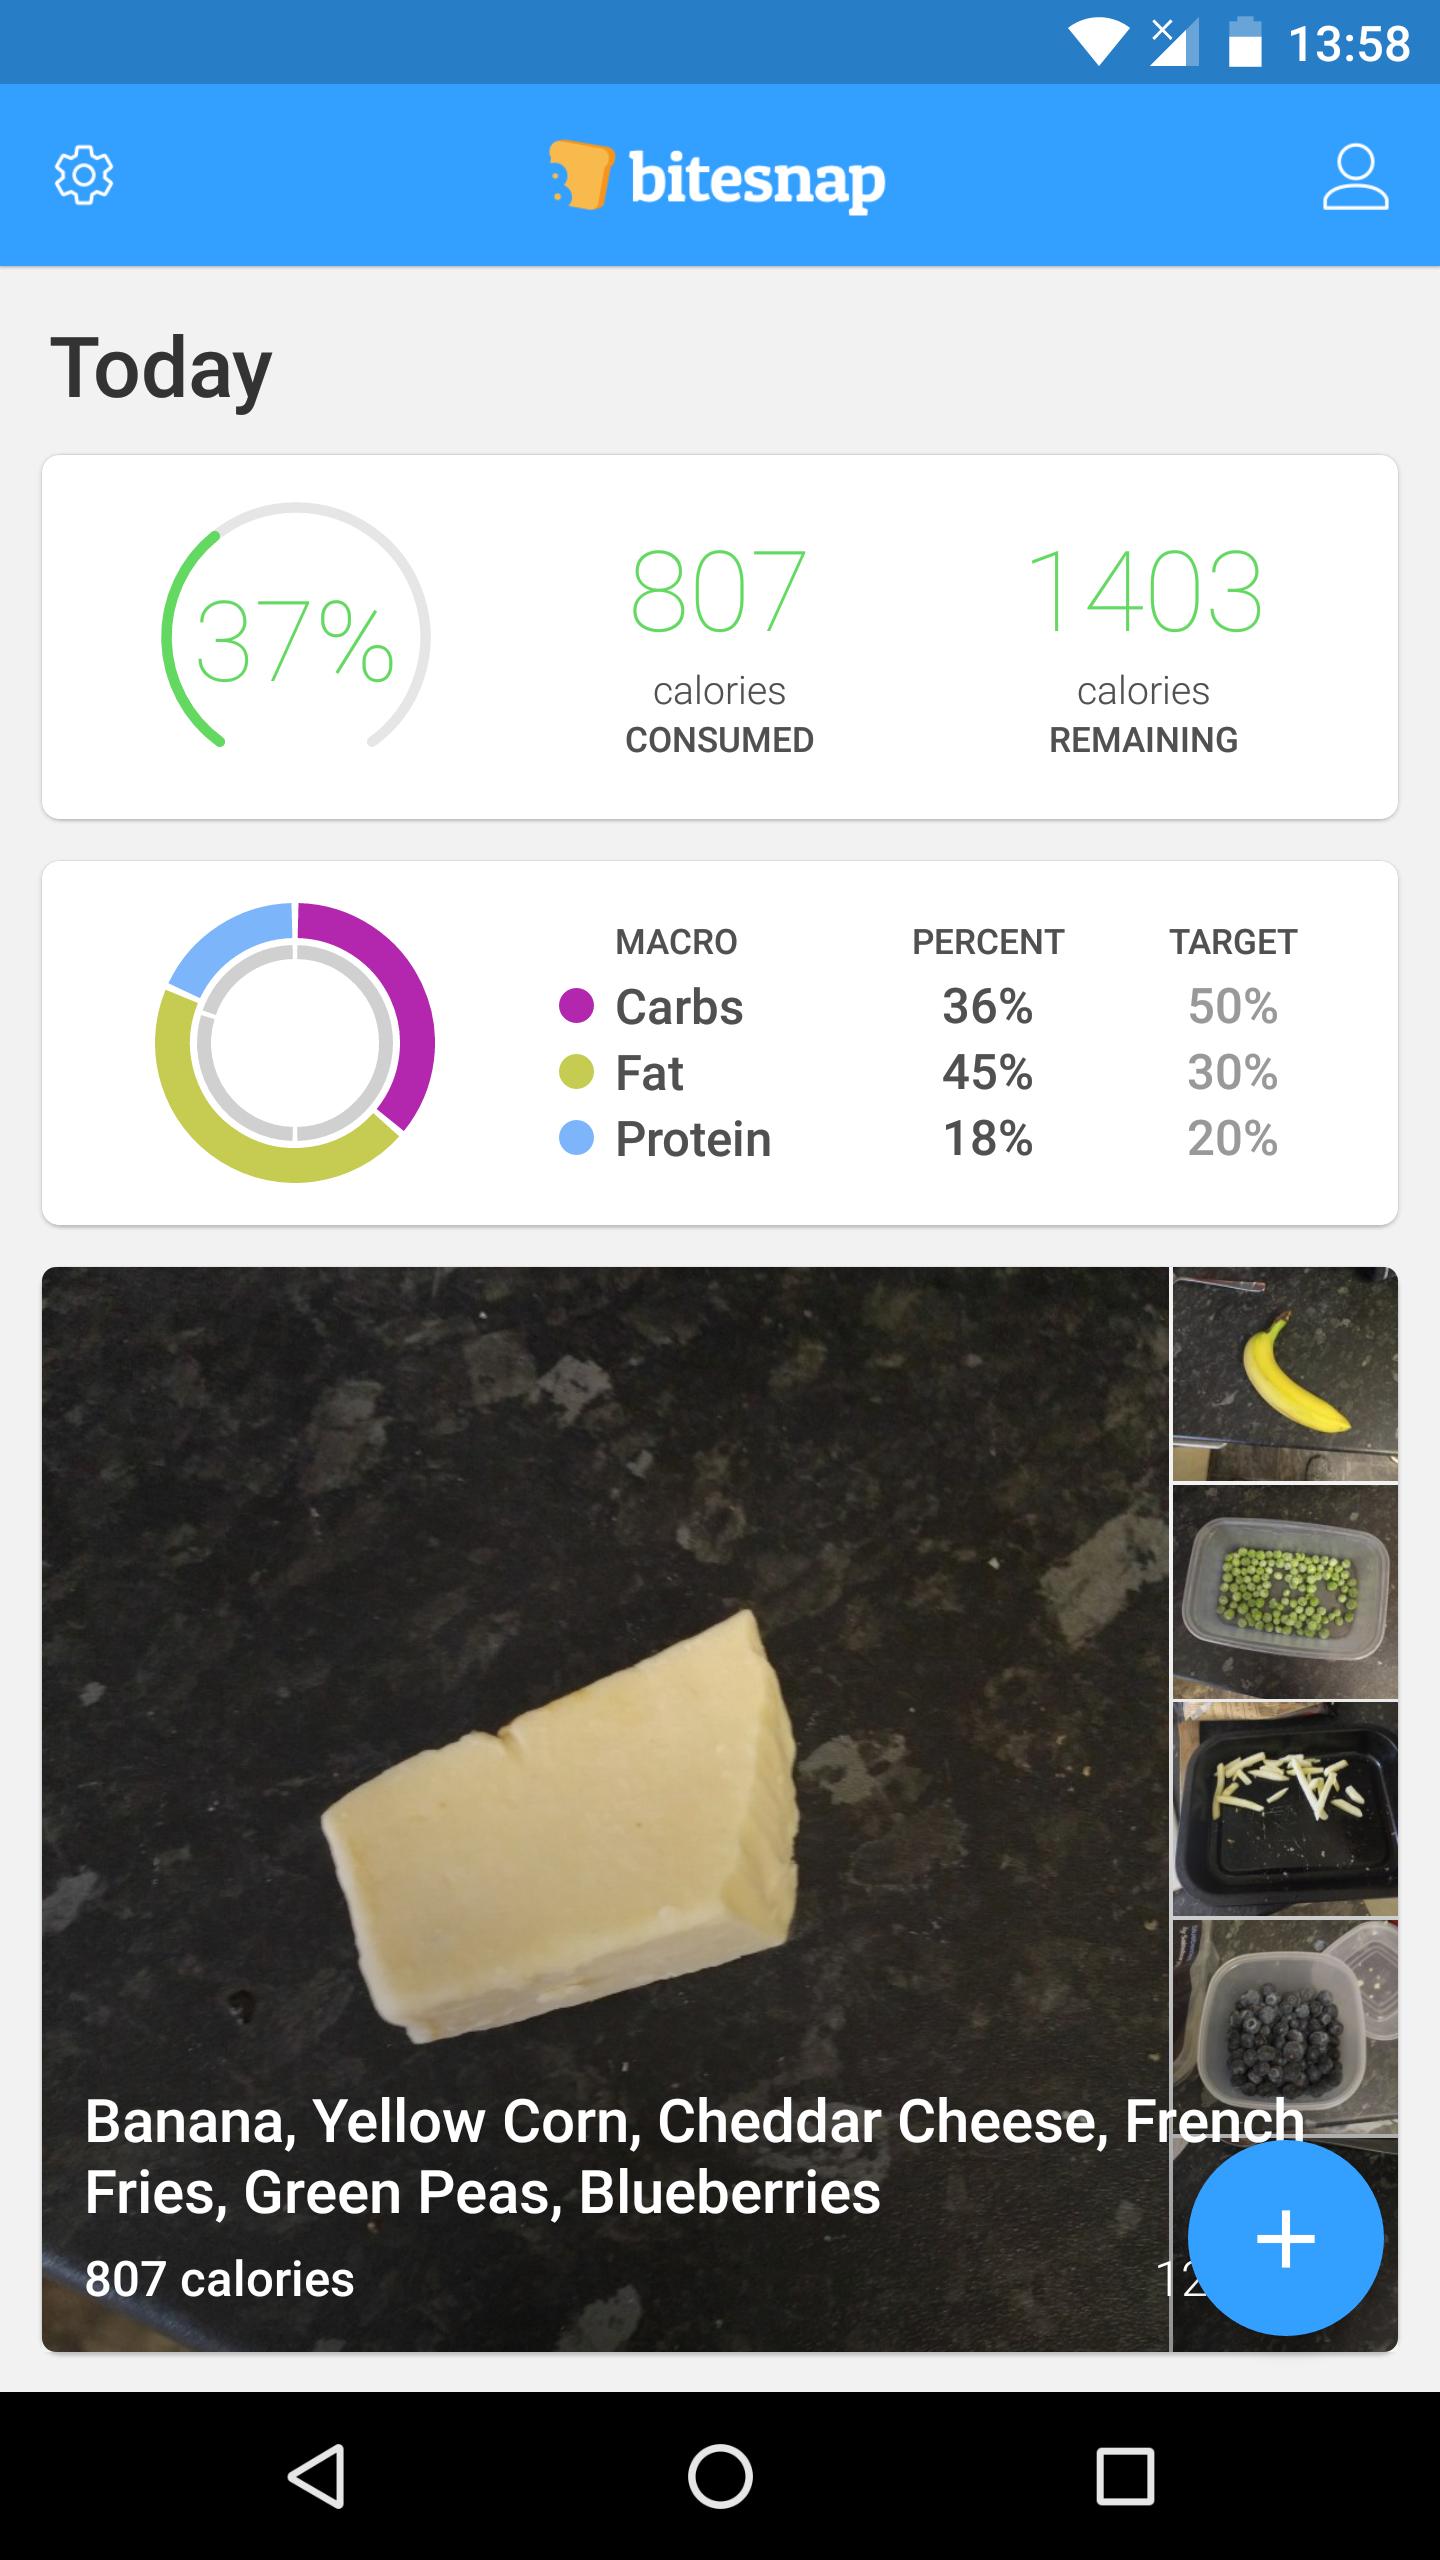 2 - تطبيق Bitesnap لمساعدتك في بناء نظامك الغذائي الصحي بأفكار جديدة